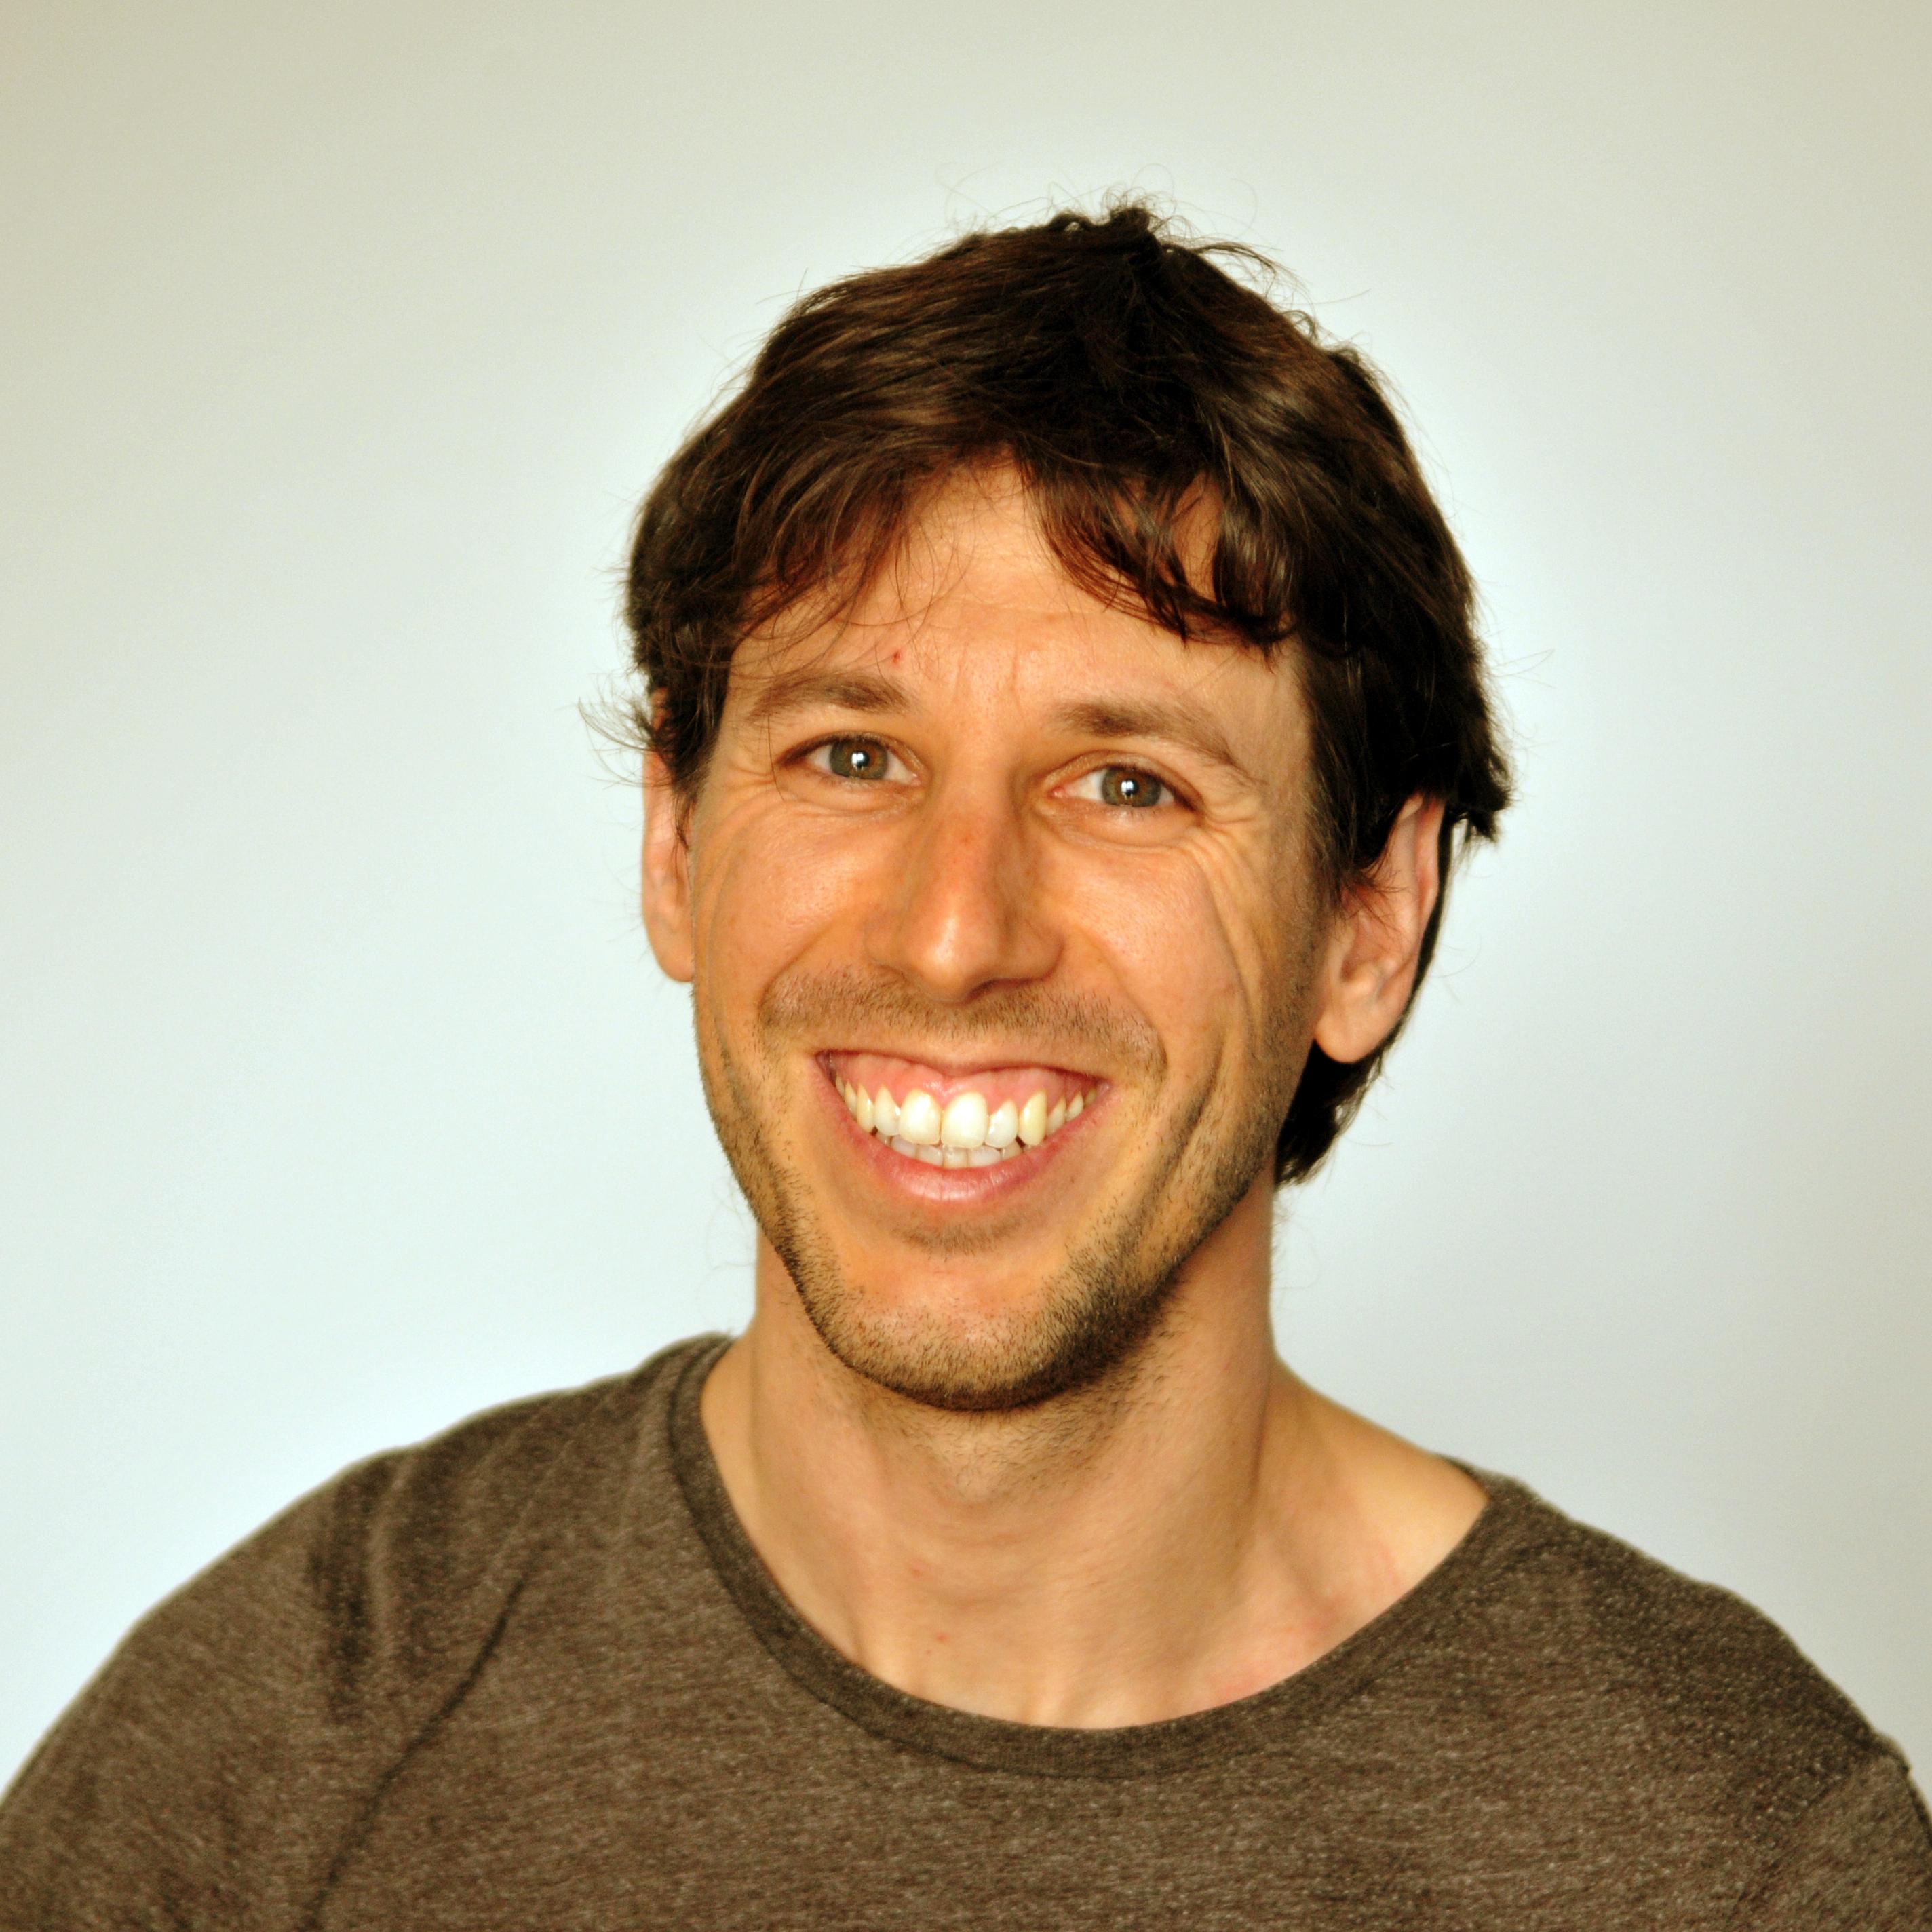 Raf Verbruggen, Policy worker, De Ambrassade, Belgium